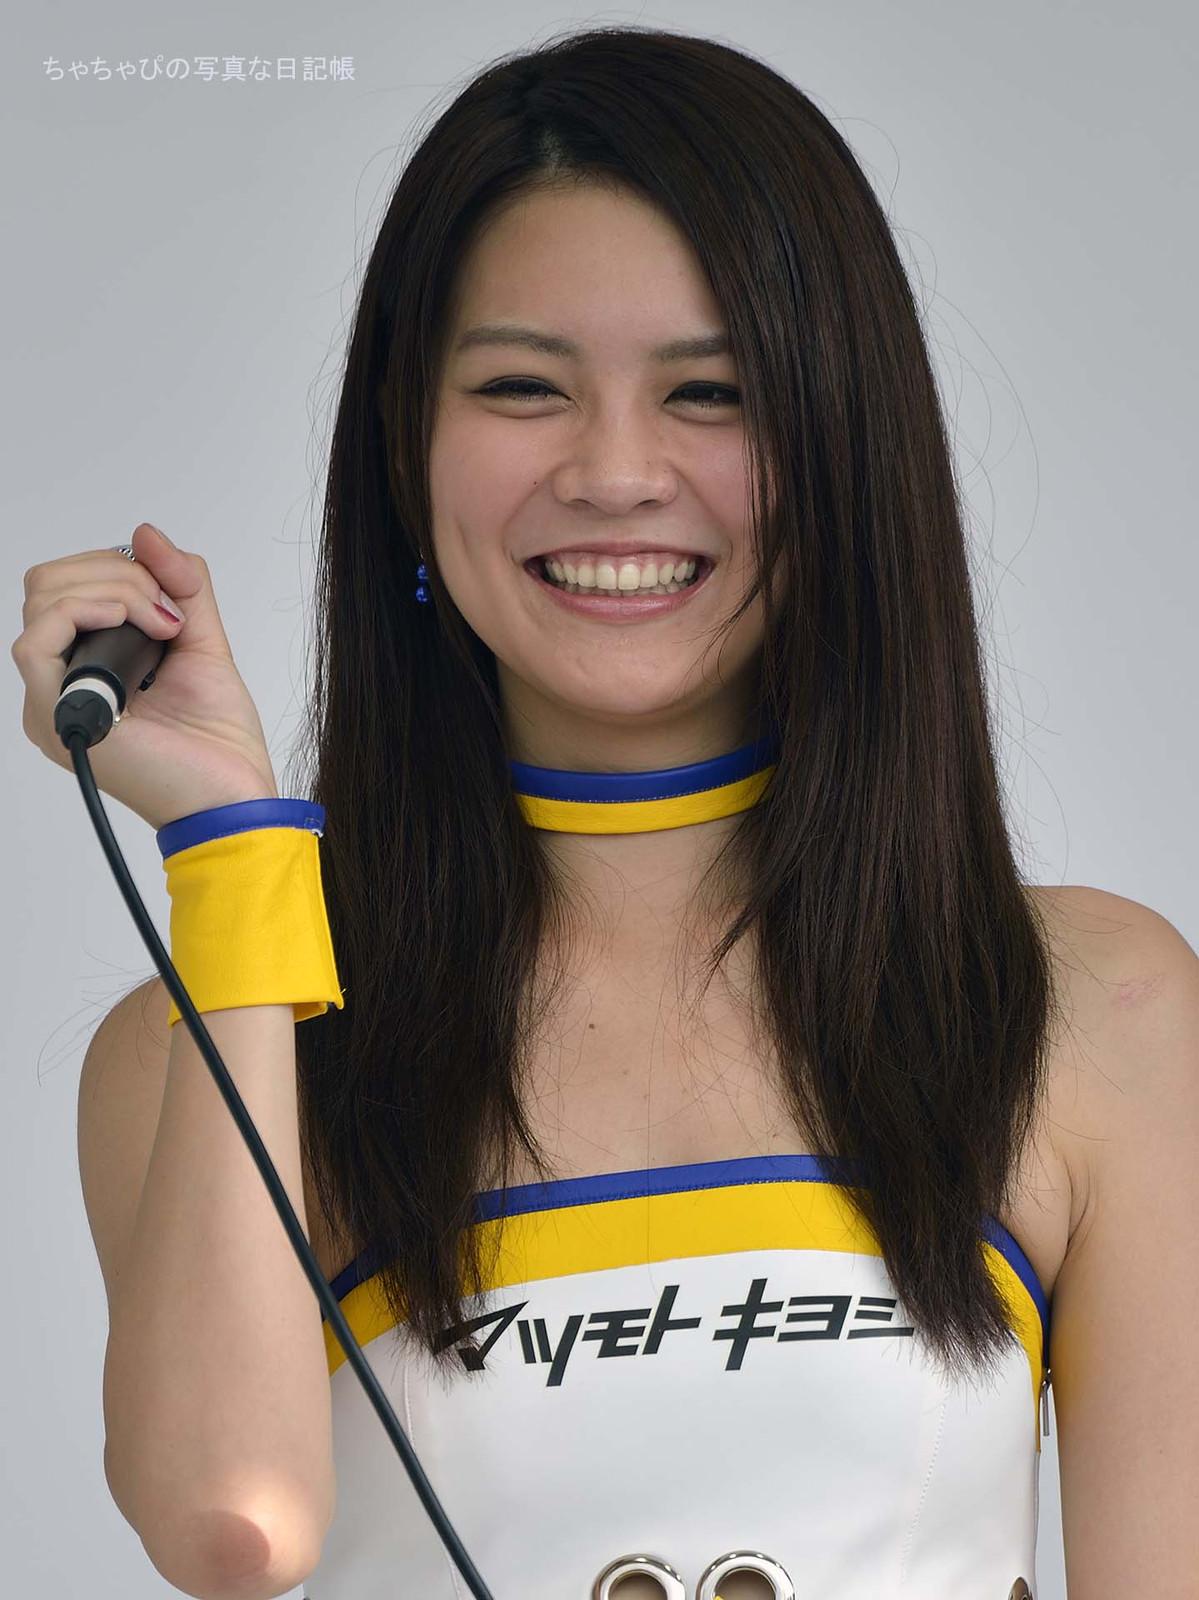 乙幡紗希さん